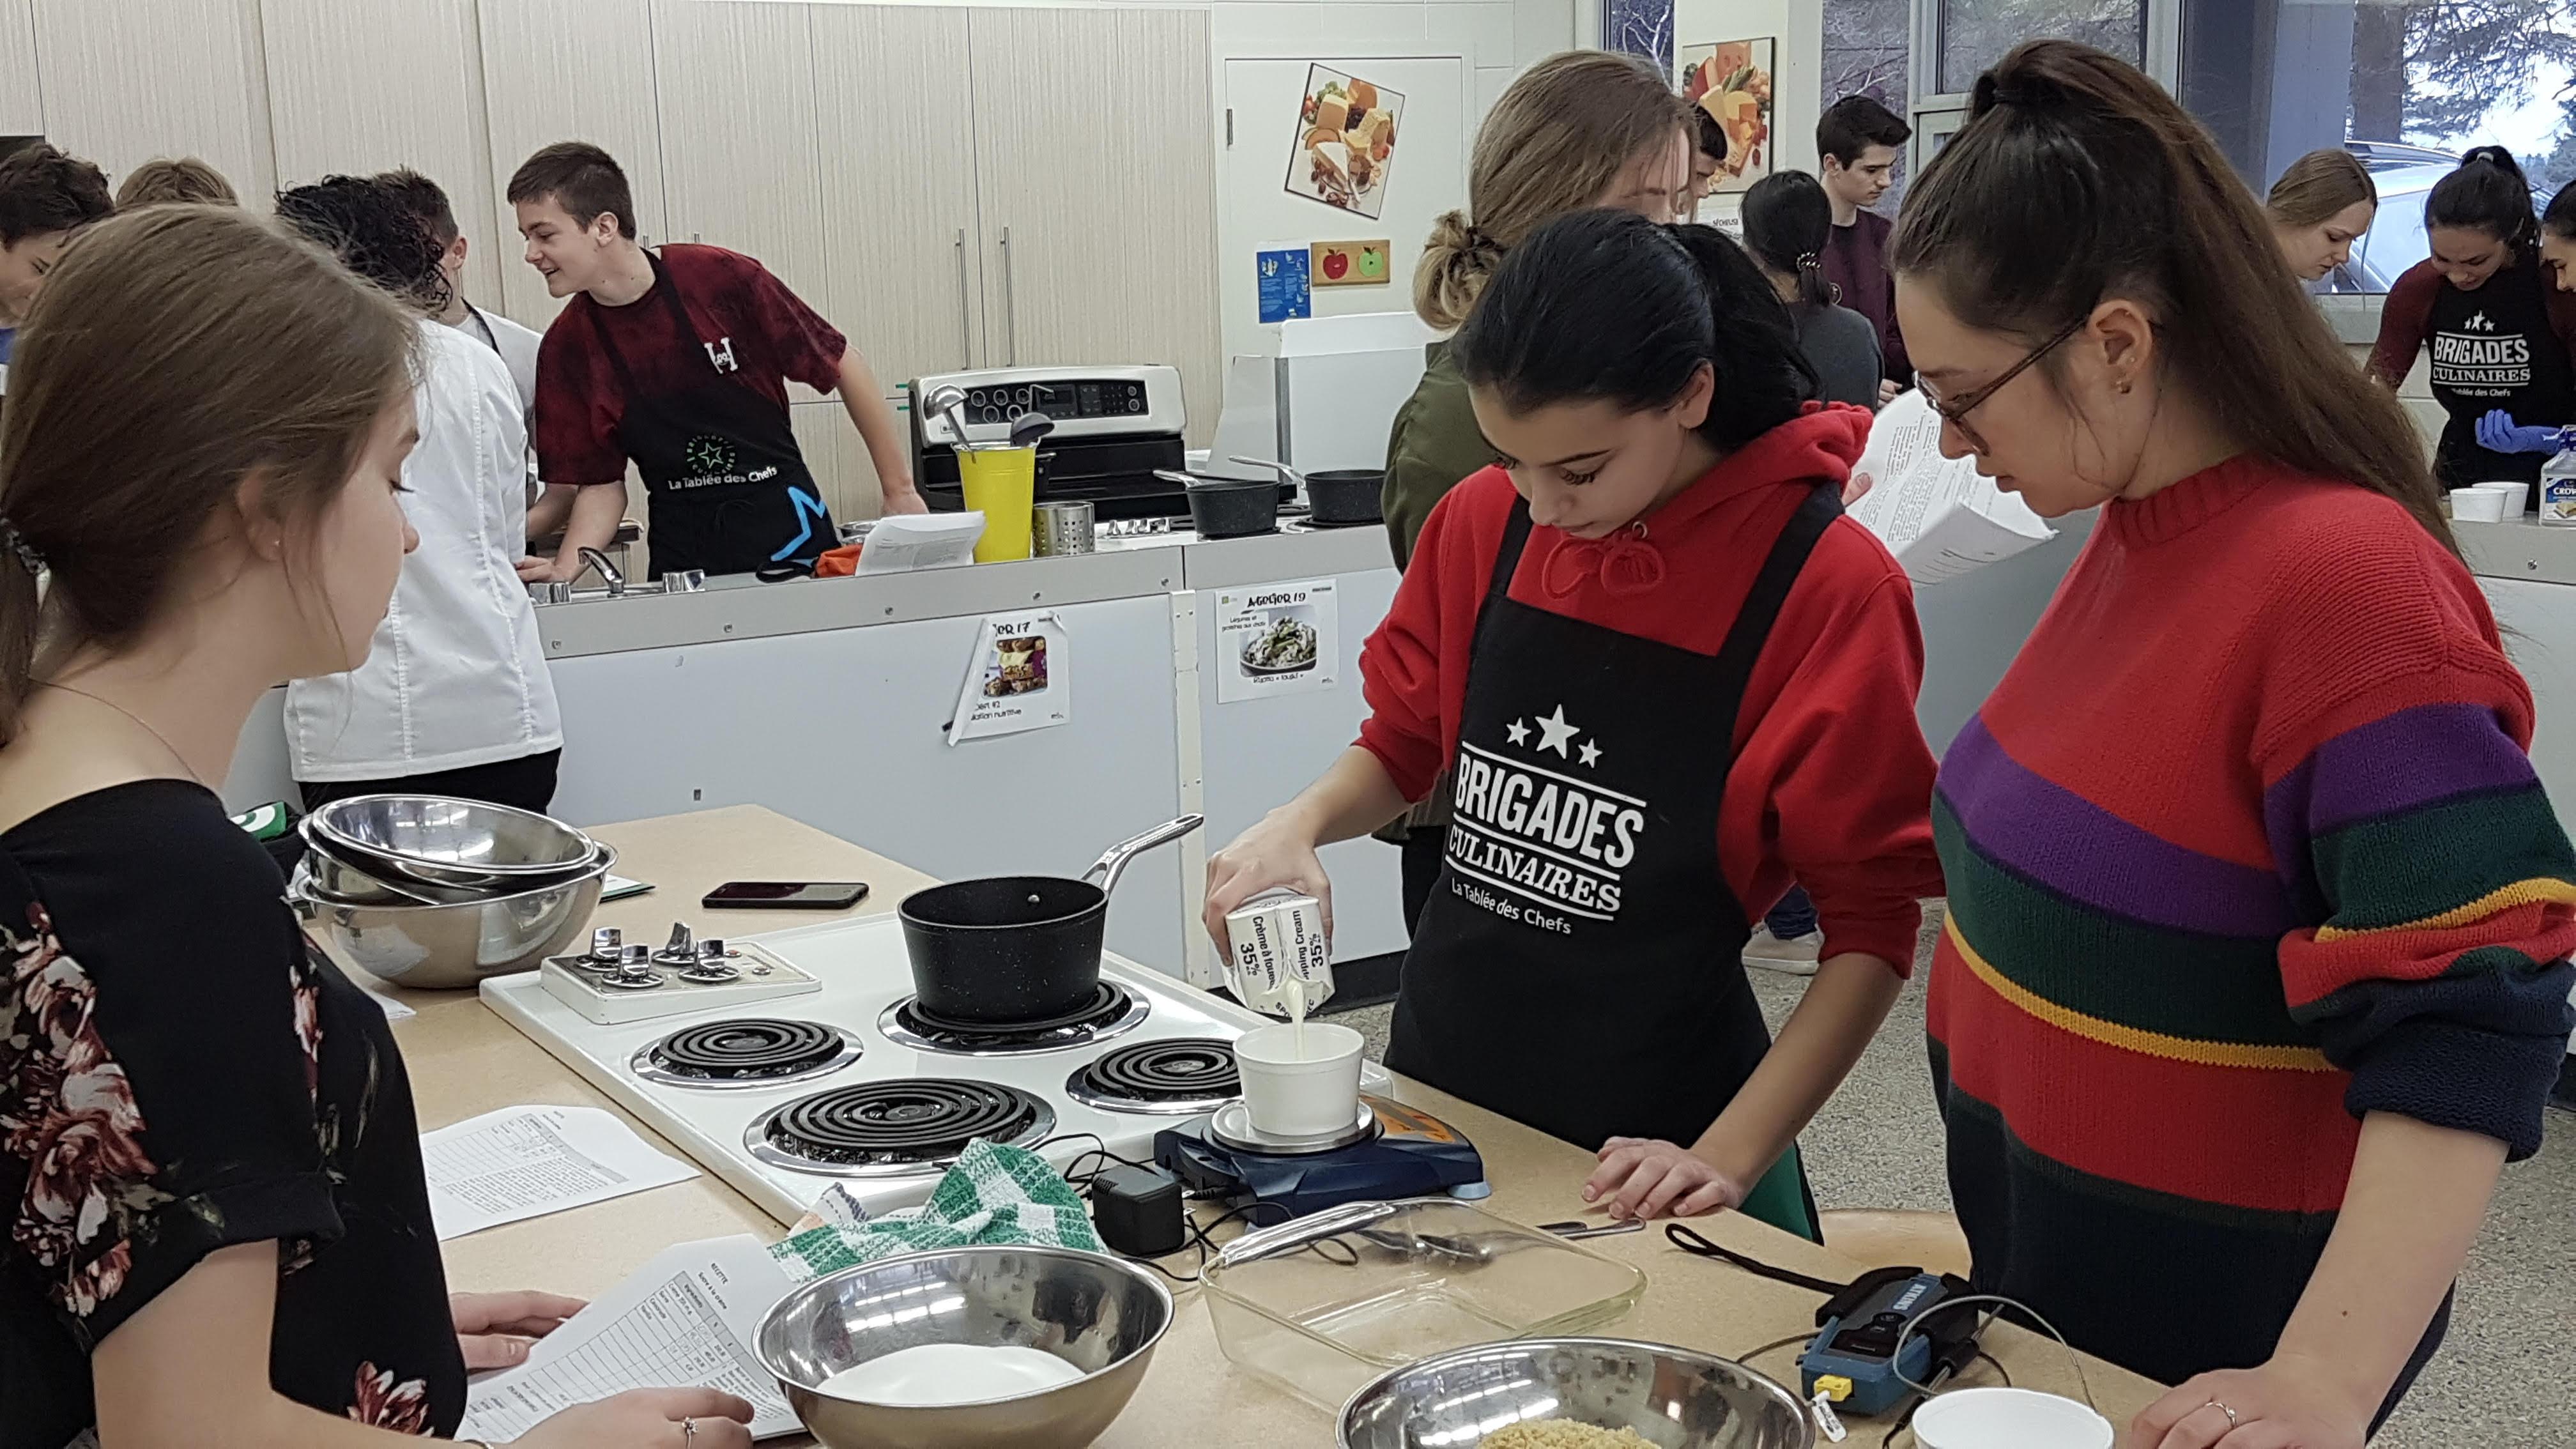 Trois étudiantes du secondaire de Charles-Gravel concentrées sur leur préparation. L'une d'elle verse du lait dans une casserole.